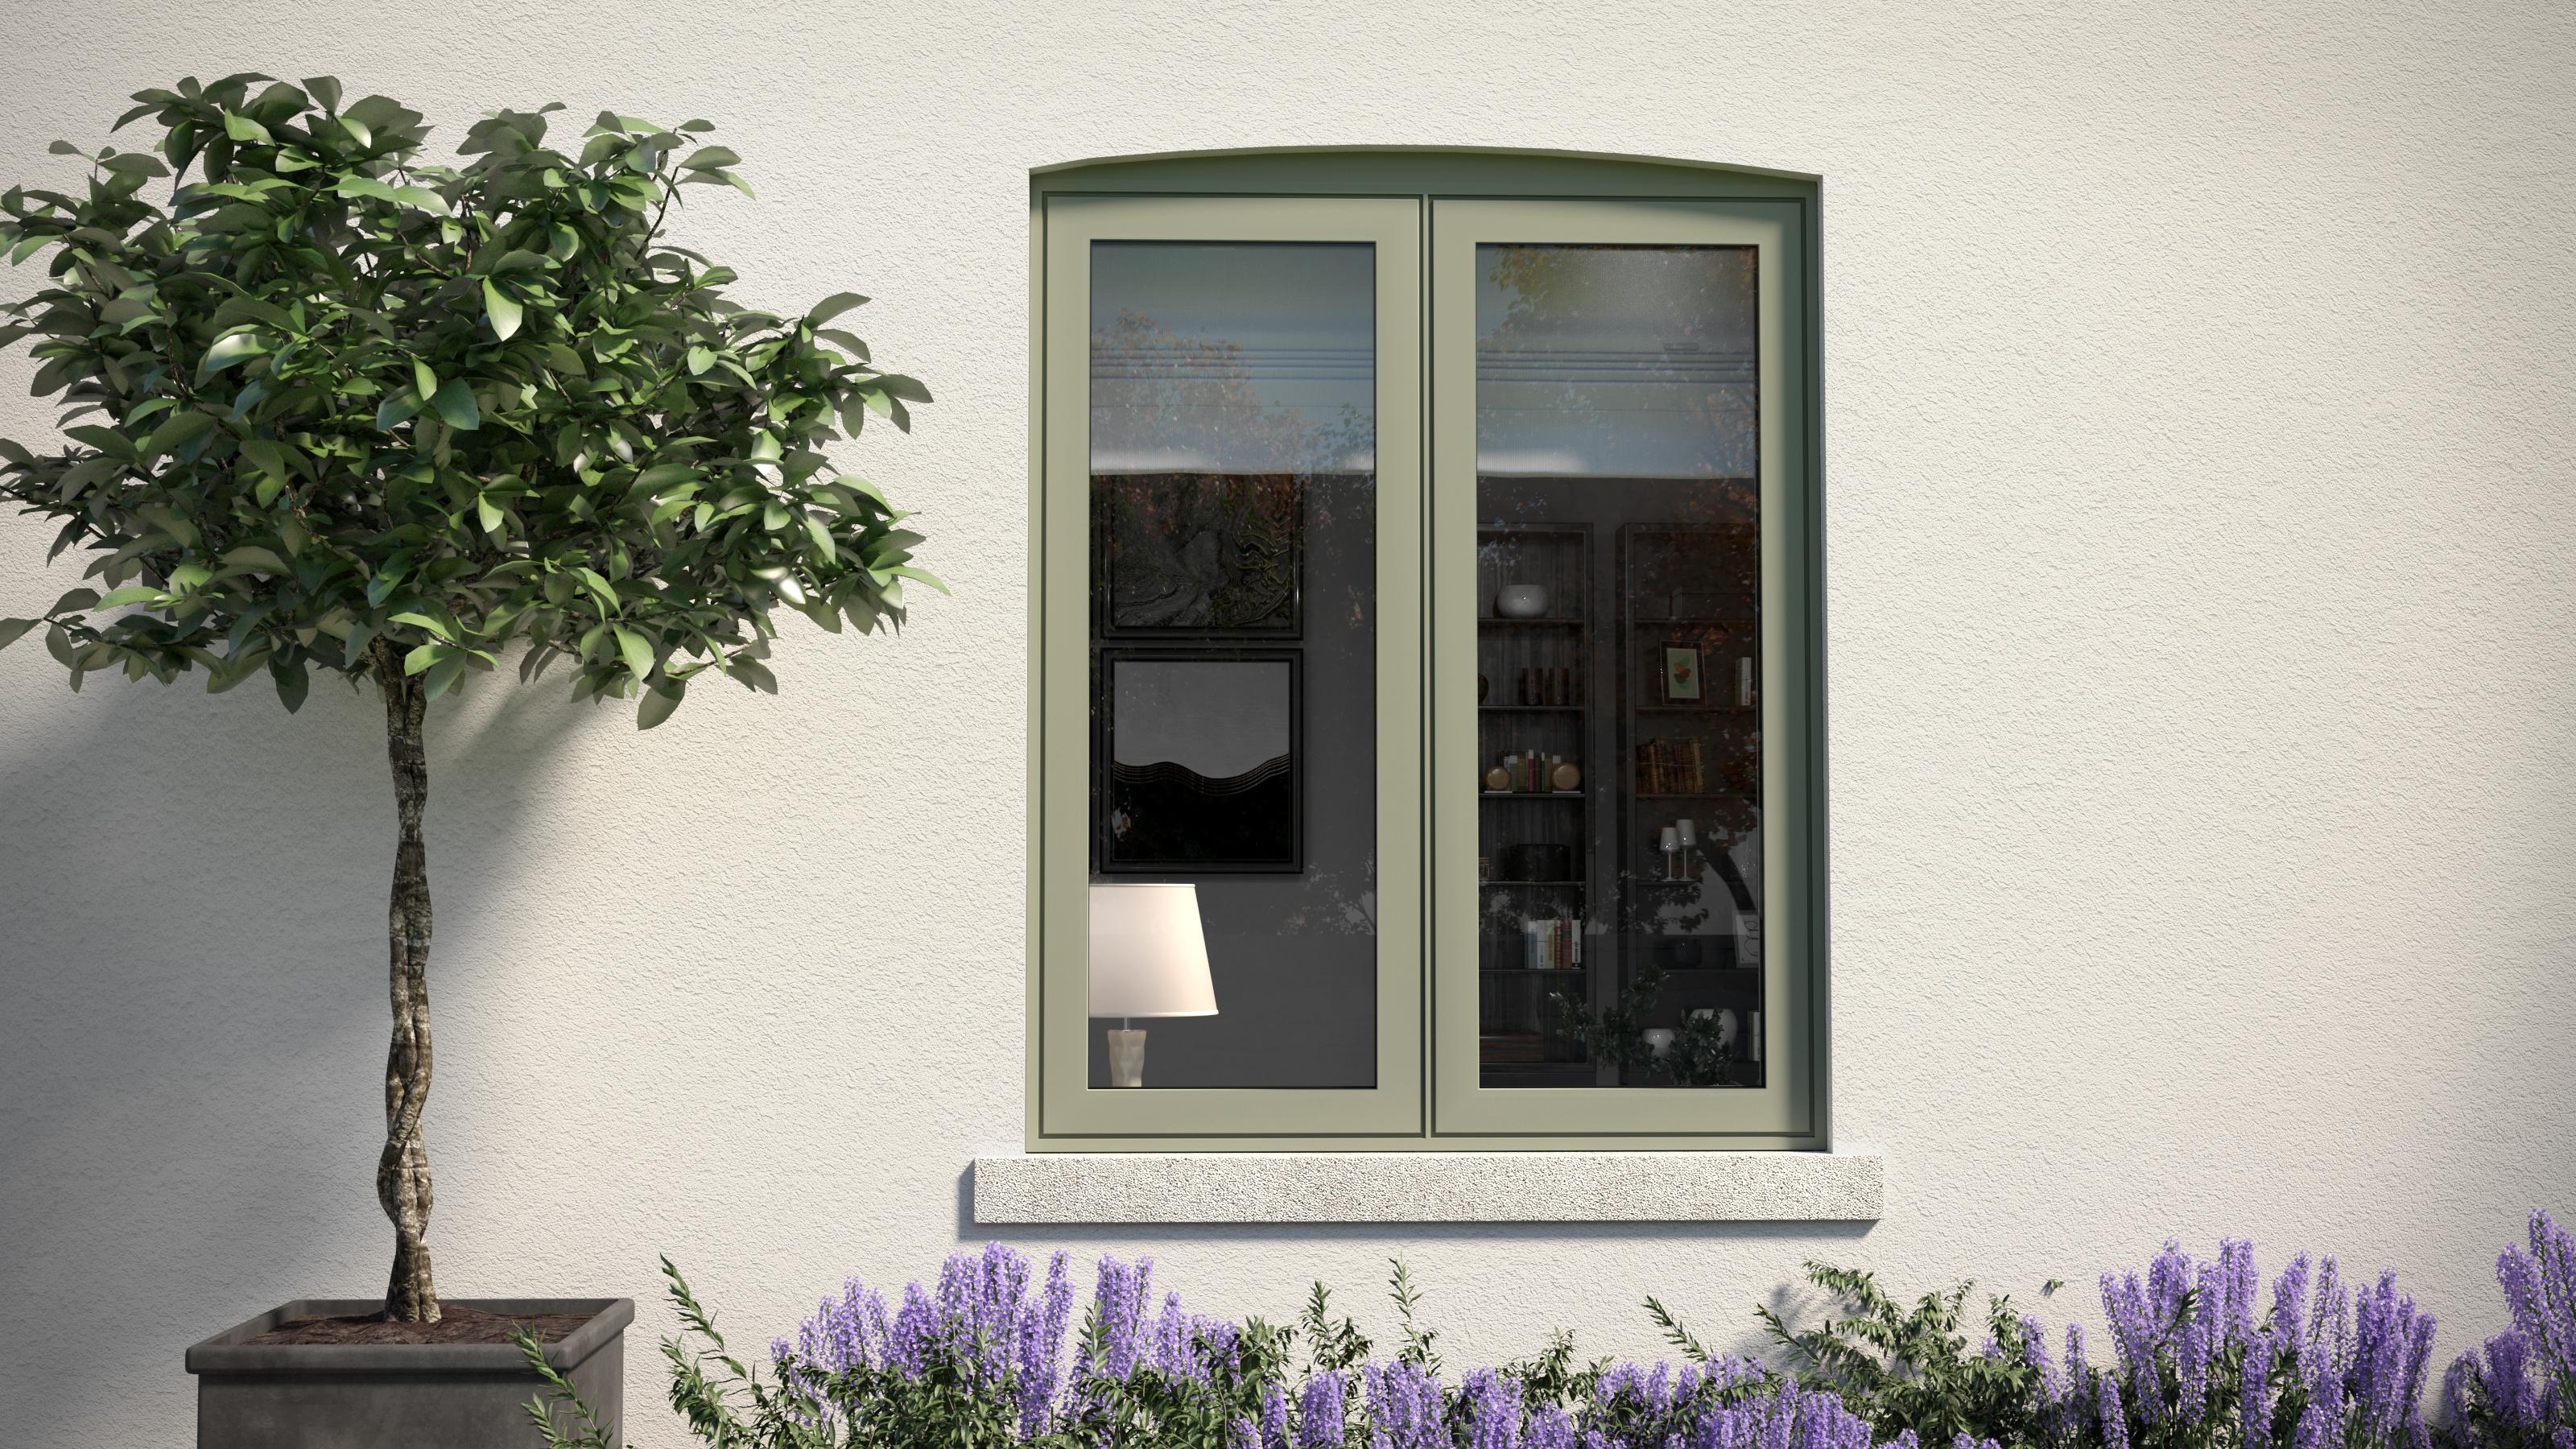 Aluminium Double Glazed Windows, Farnham